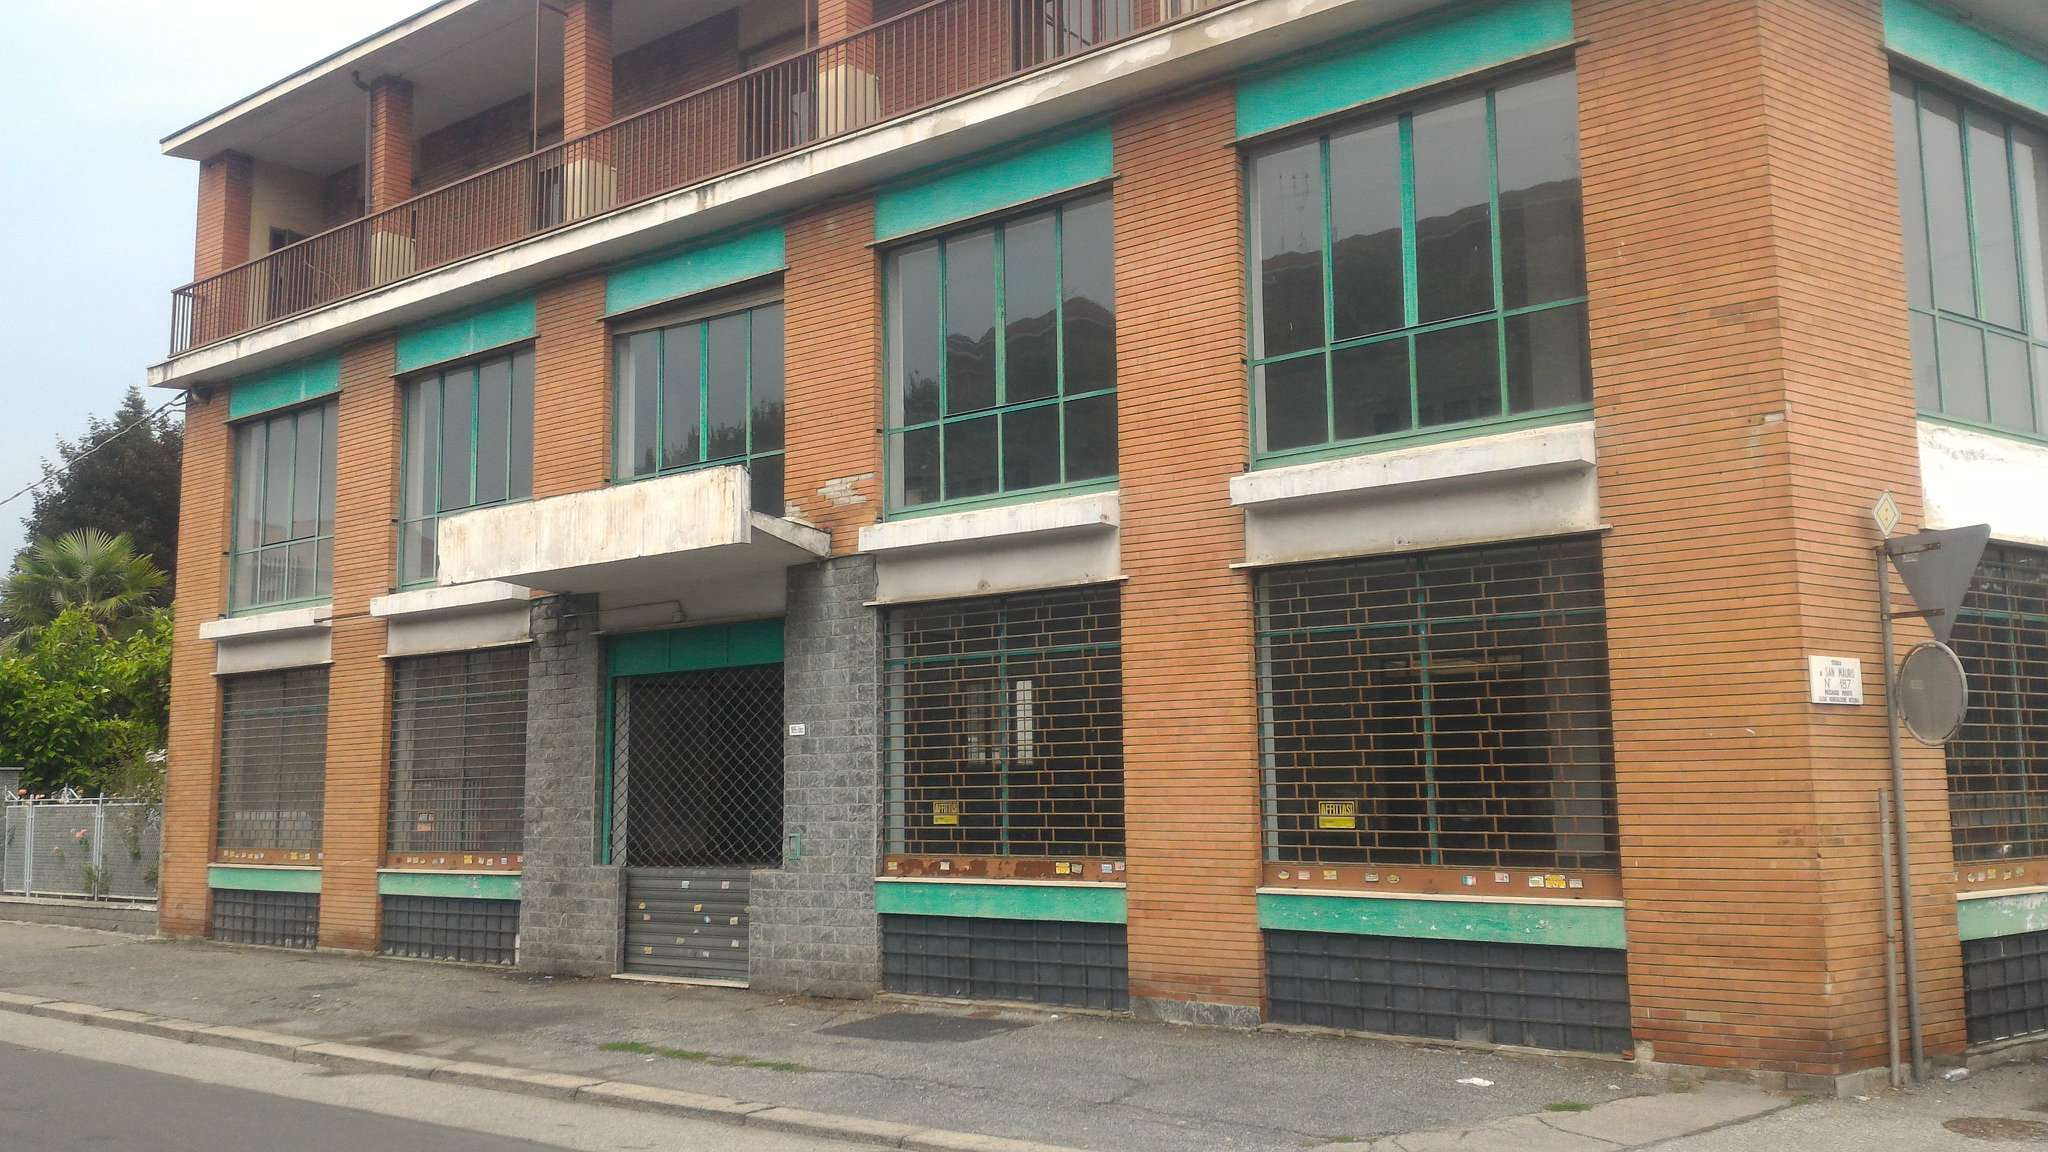 Immagine immobiliare TORINO LOCALE COMMERCIALE 1000 MQ Disponiamo in Torino Strada San Mauro di locale commerciale di 1000 mq circa con sei vetrine su strada; il locale è composto da : piano seminterrato di 200 mq uso magazzino, al primo piano locale...